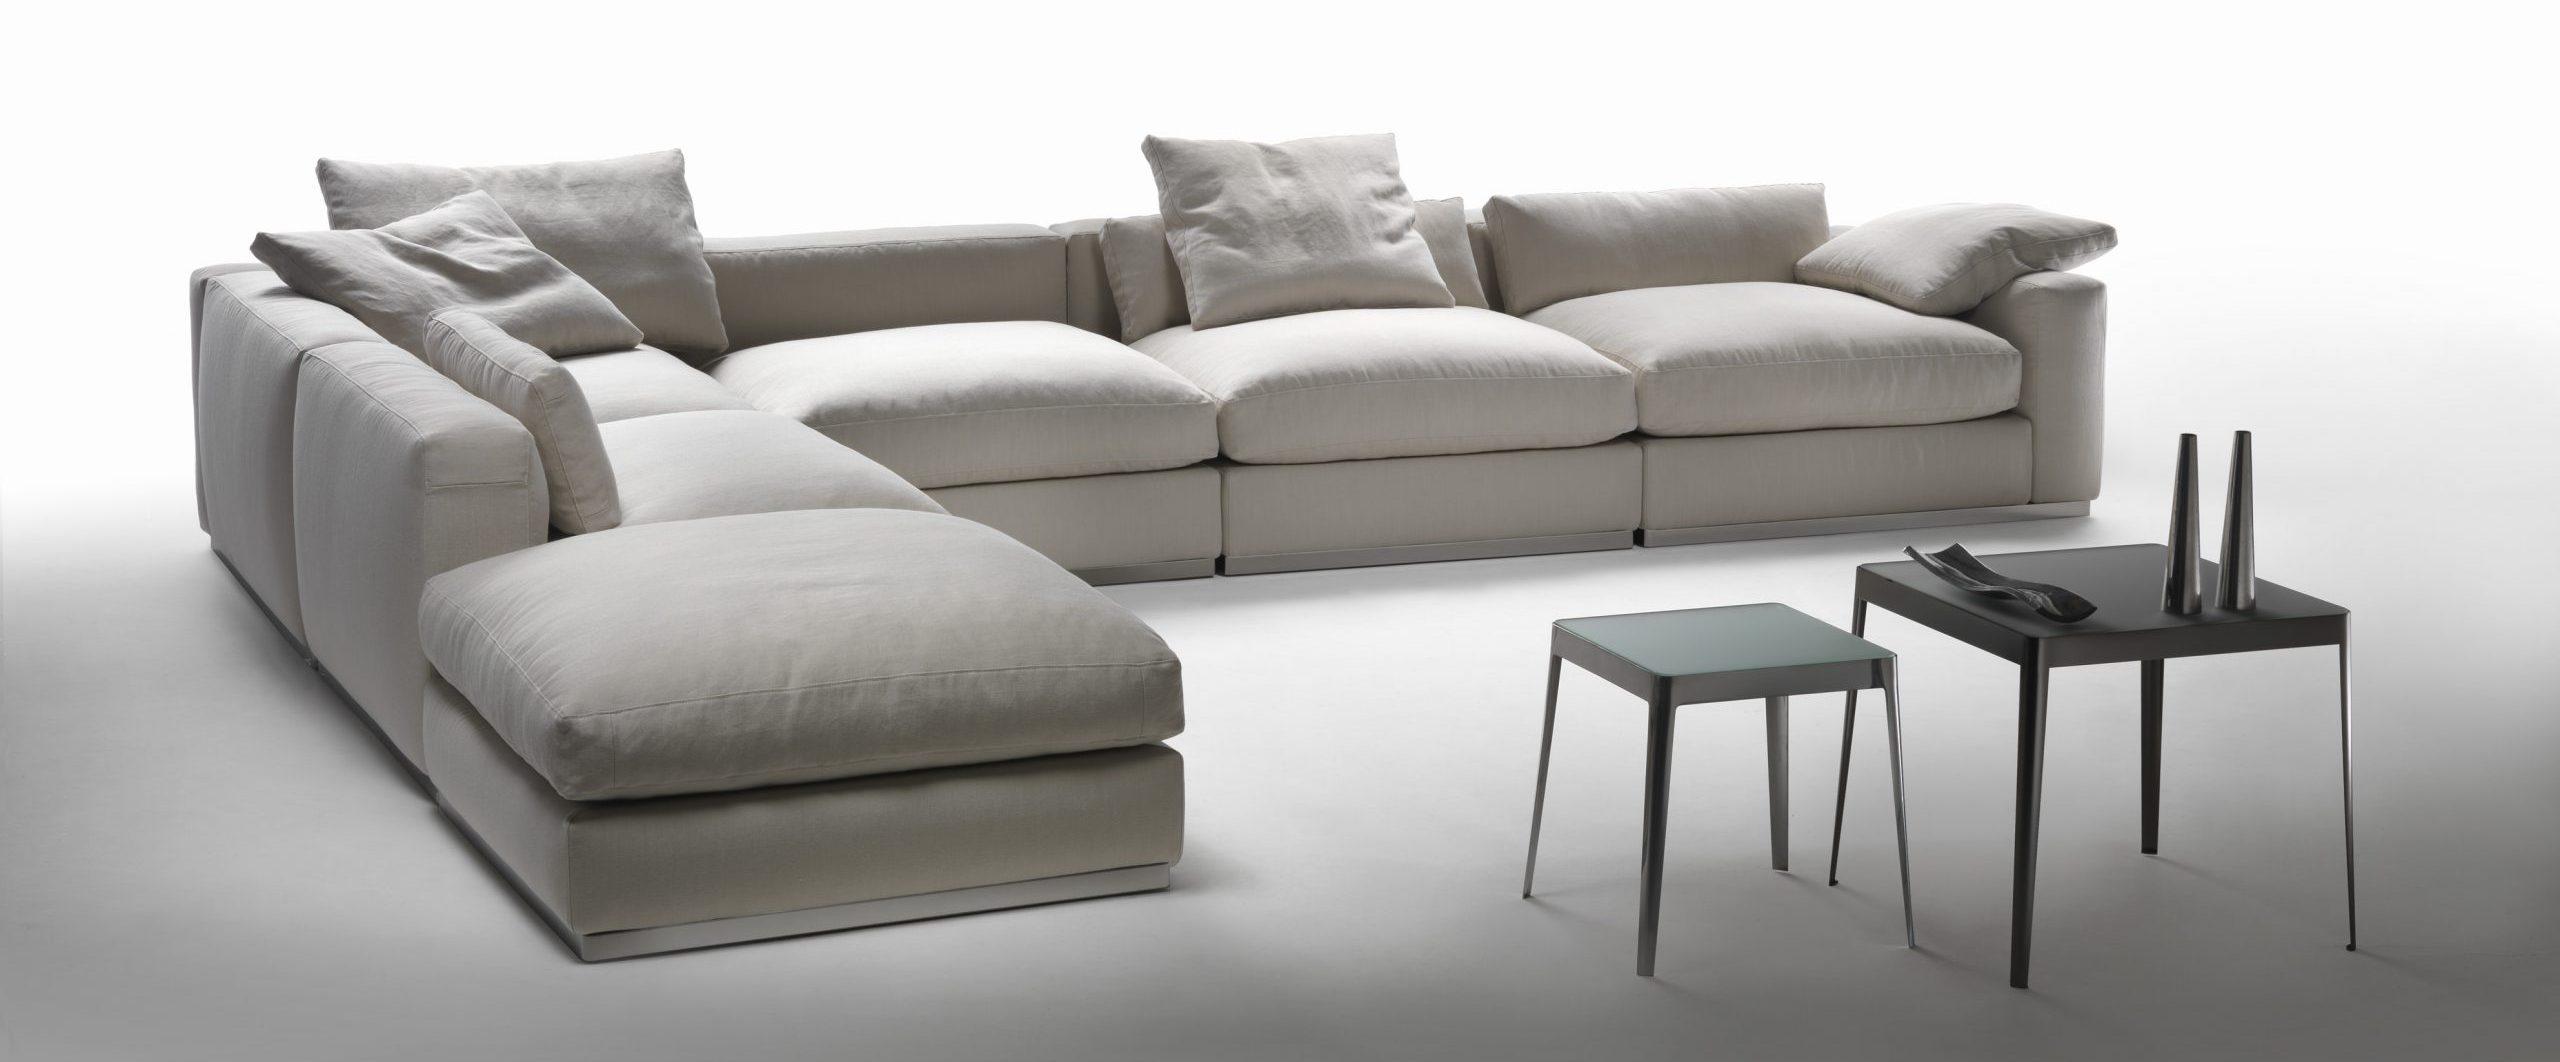 תמונה של ספה פינתית של ארנה רהיטים